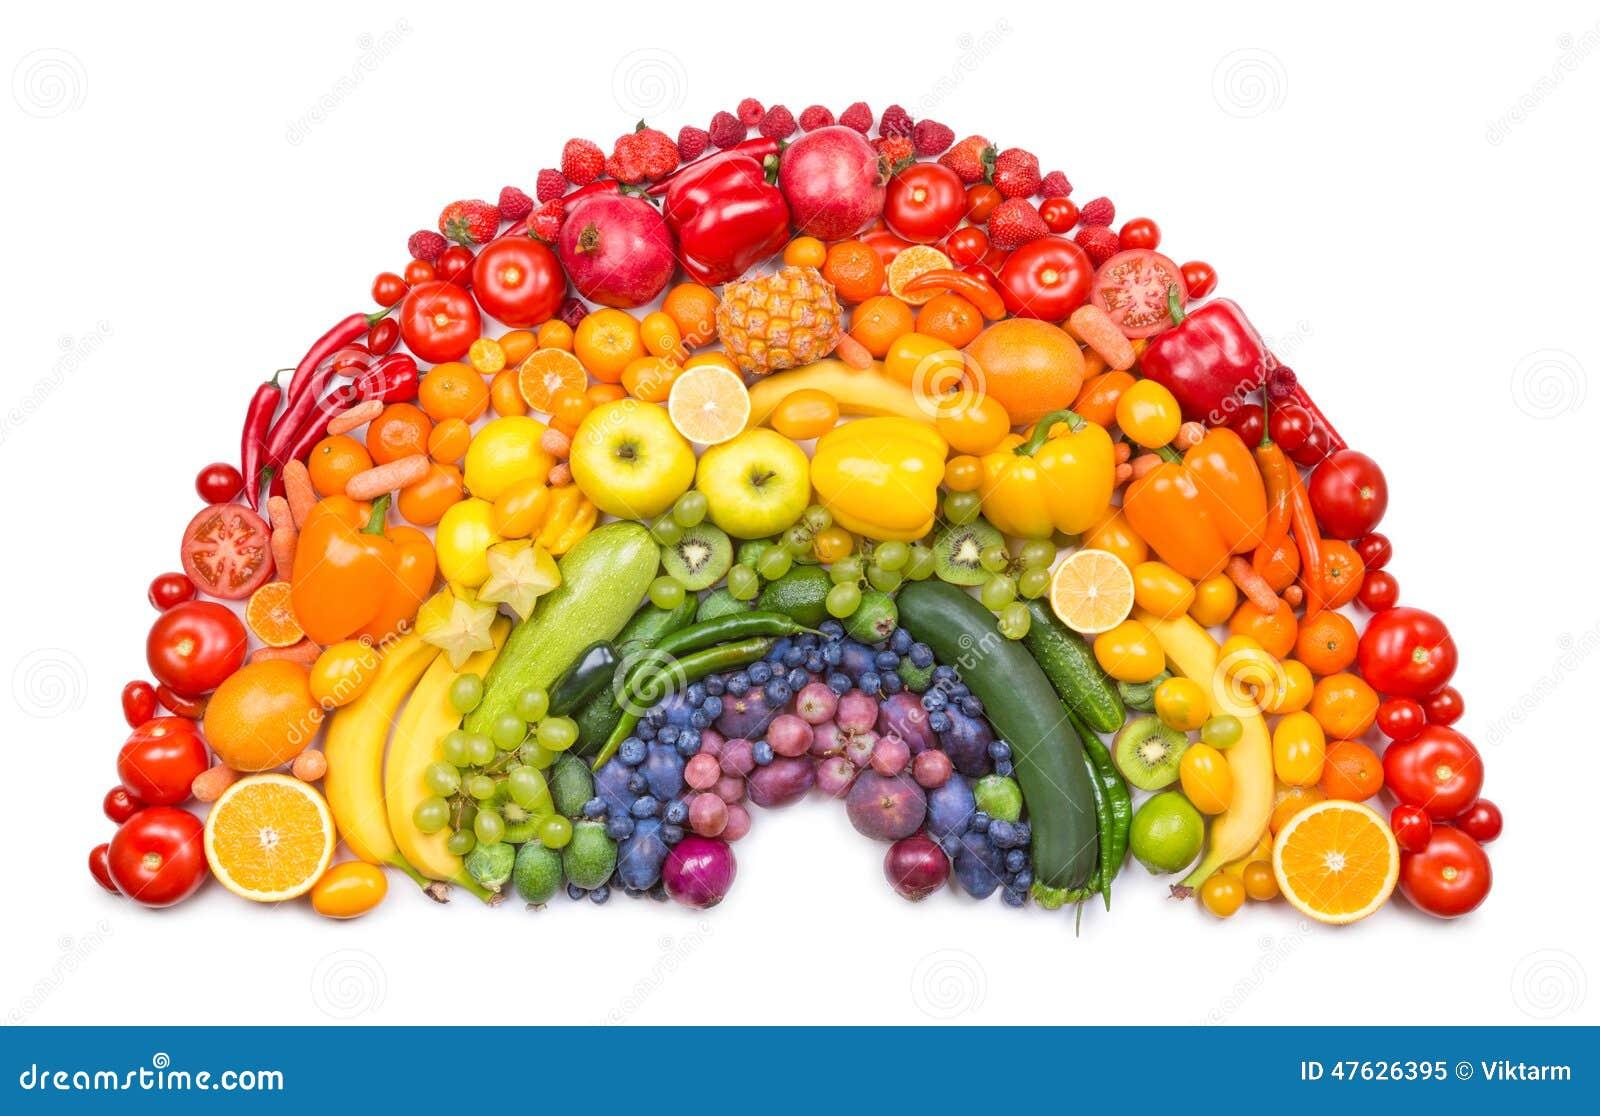 Arco iris de la fruta y verdura